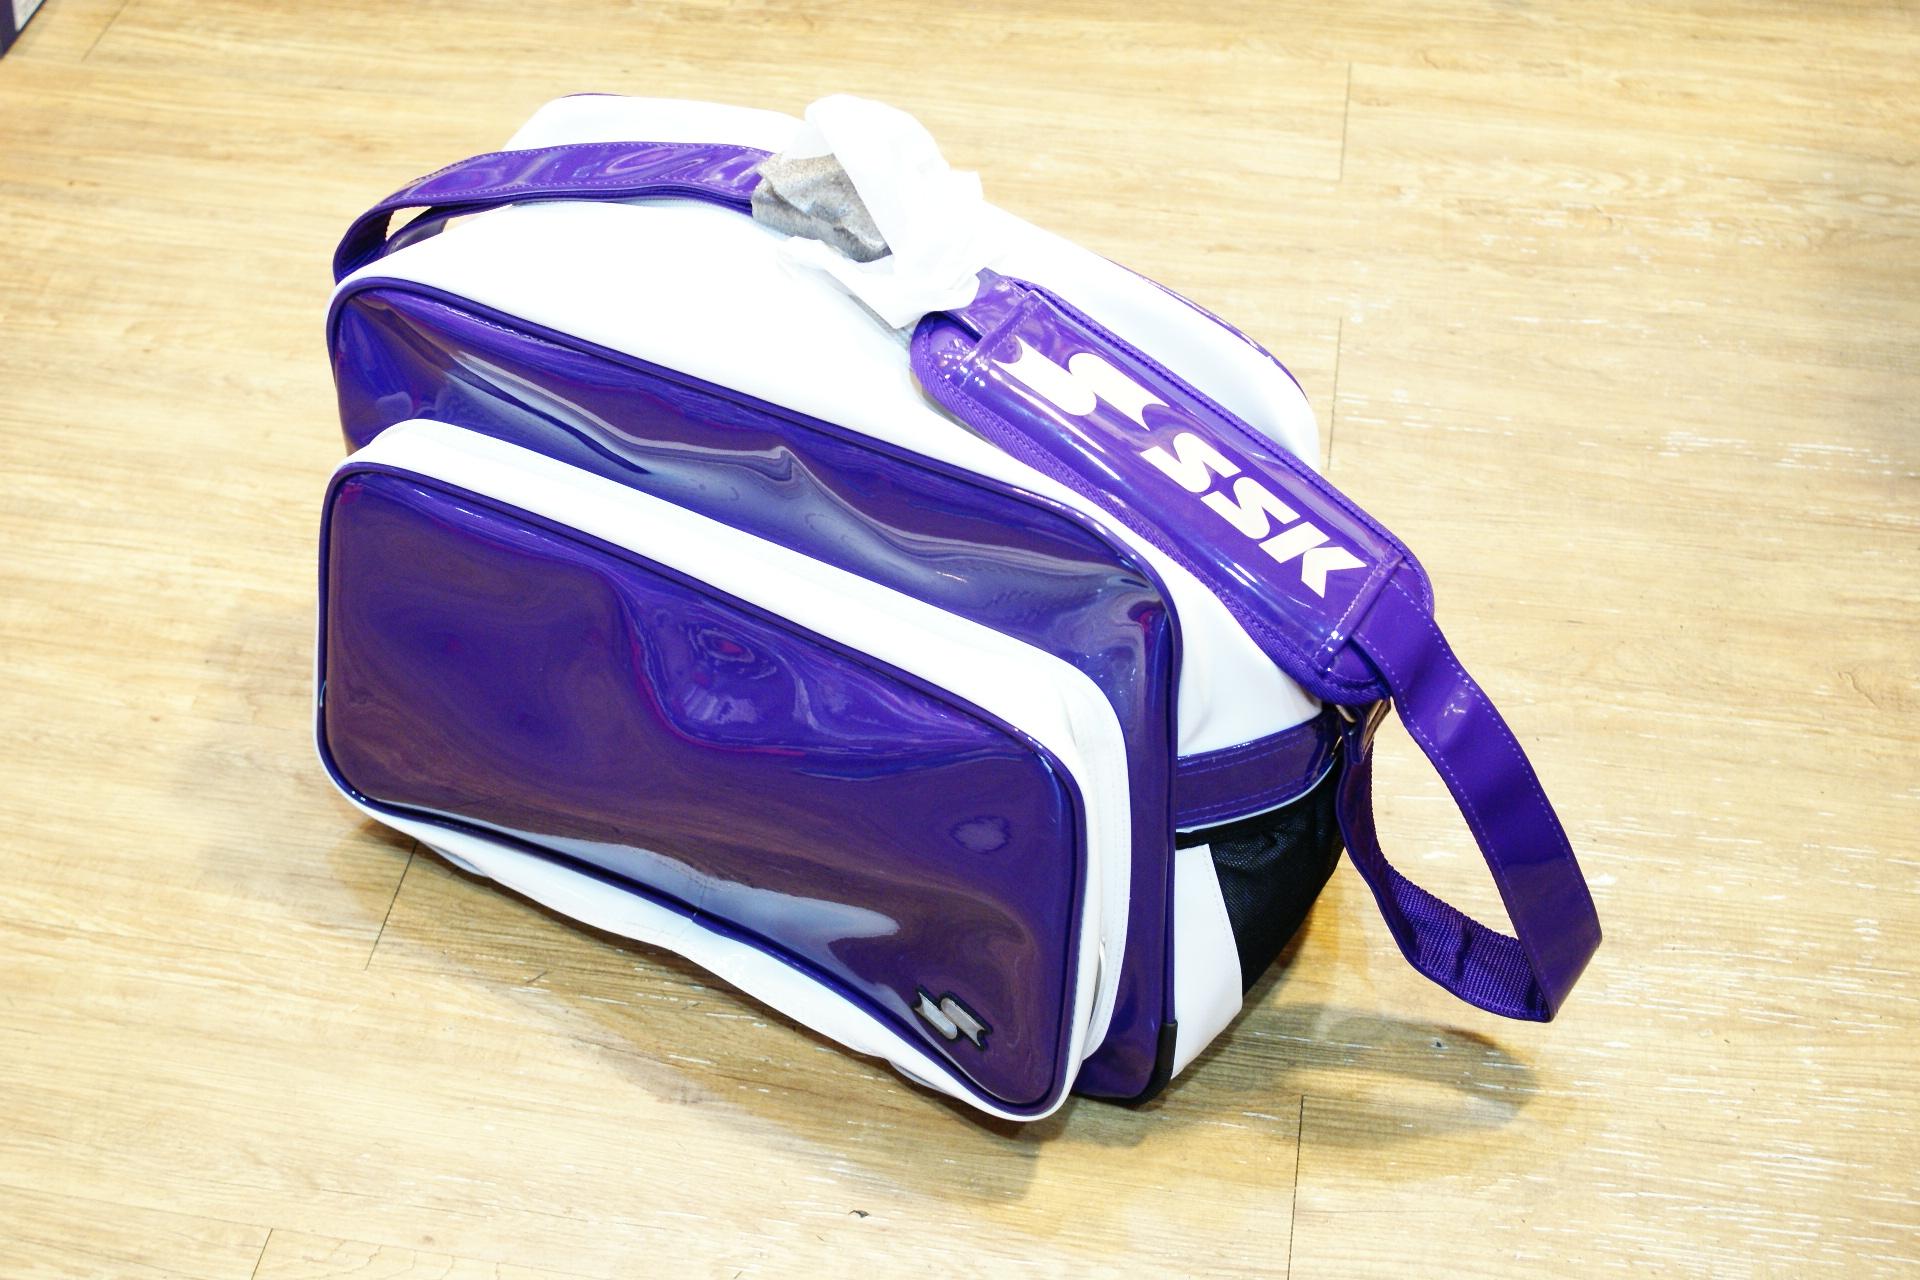 棒球世界全新SSK日本販售款個人裝備袋 紫色 限量販售